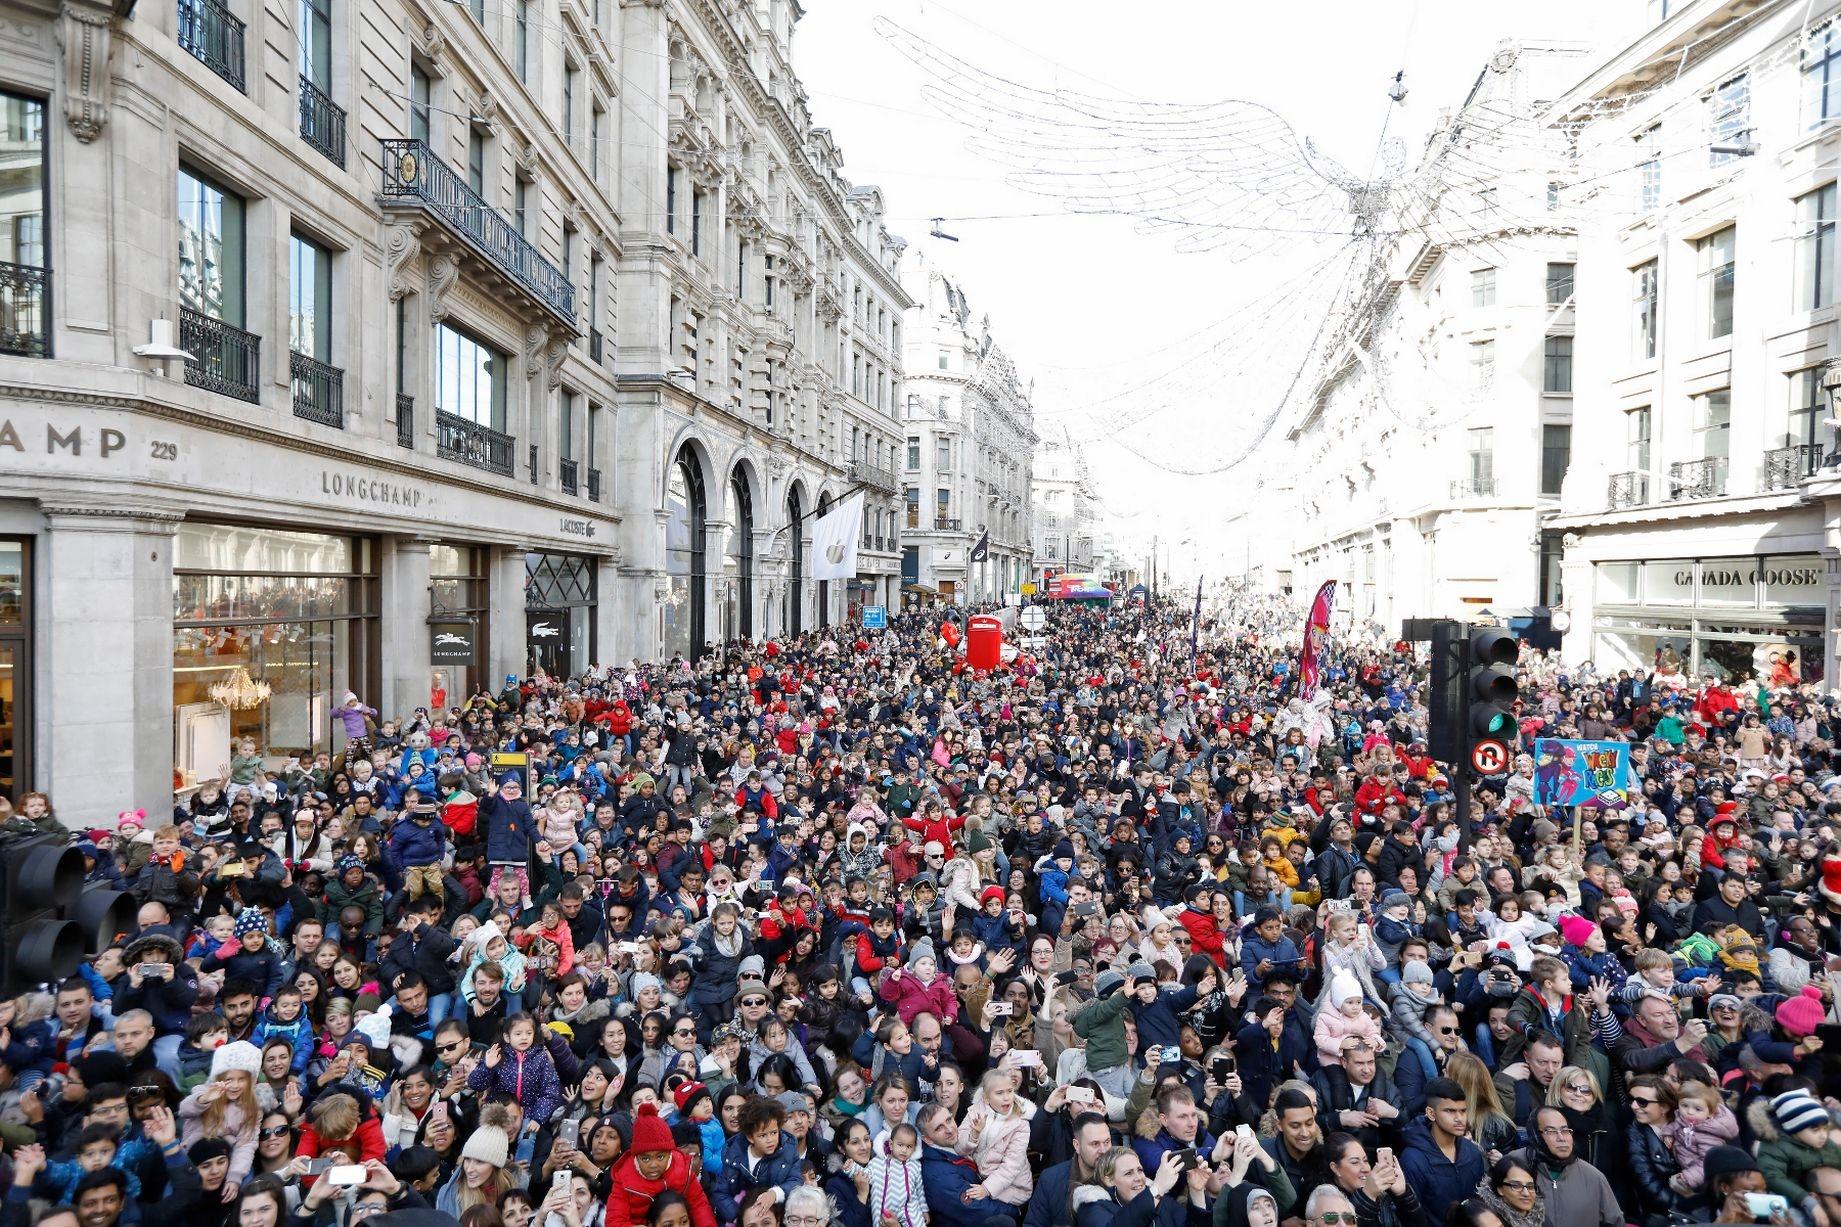 تصاویر / رژه اسباببازیهای غولپیکر در خیابانهای لندن